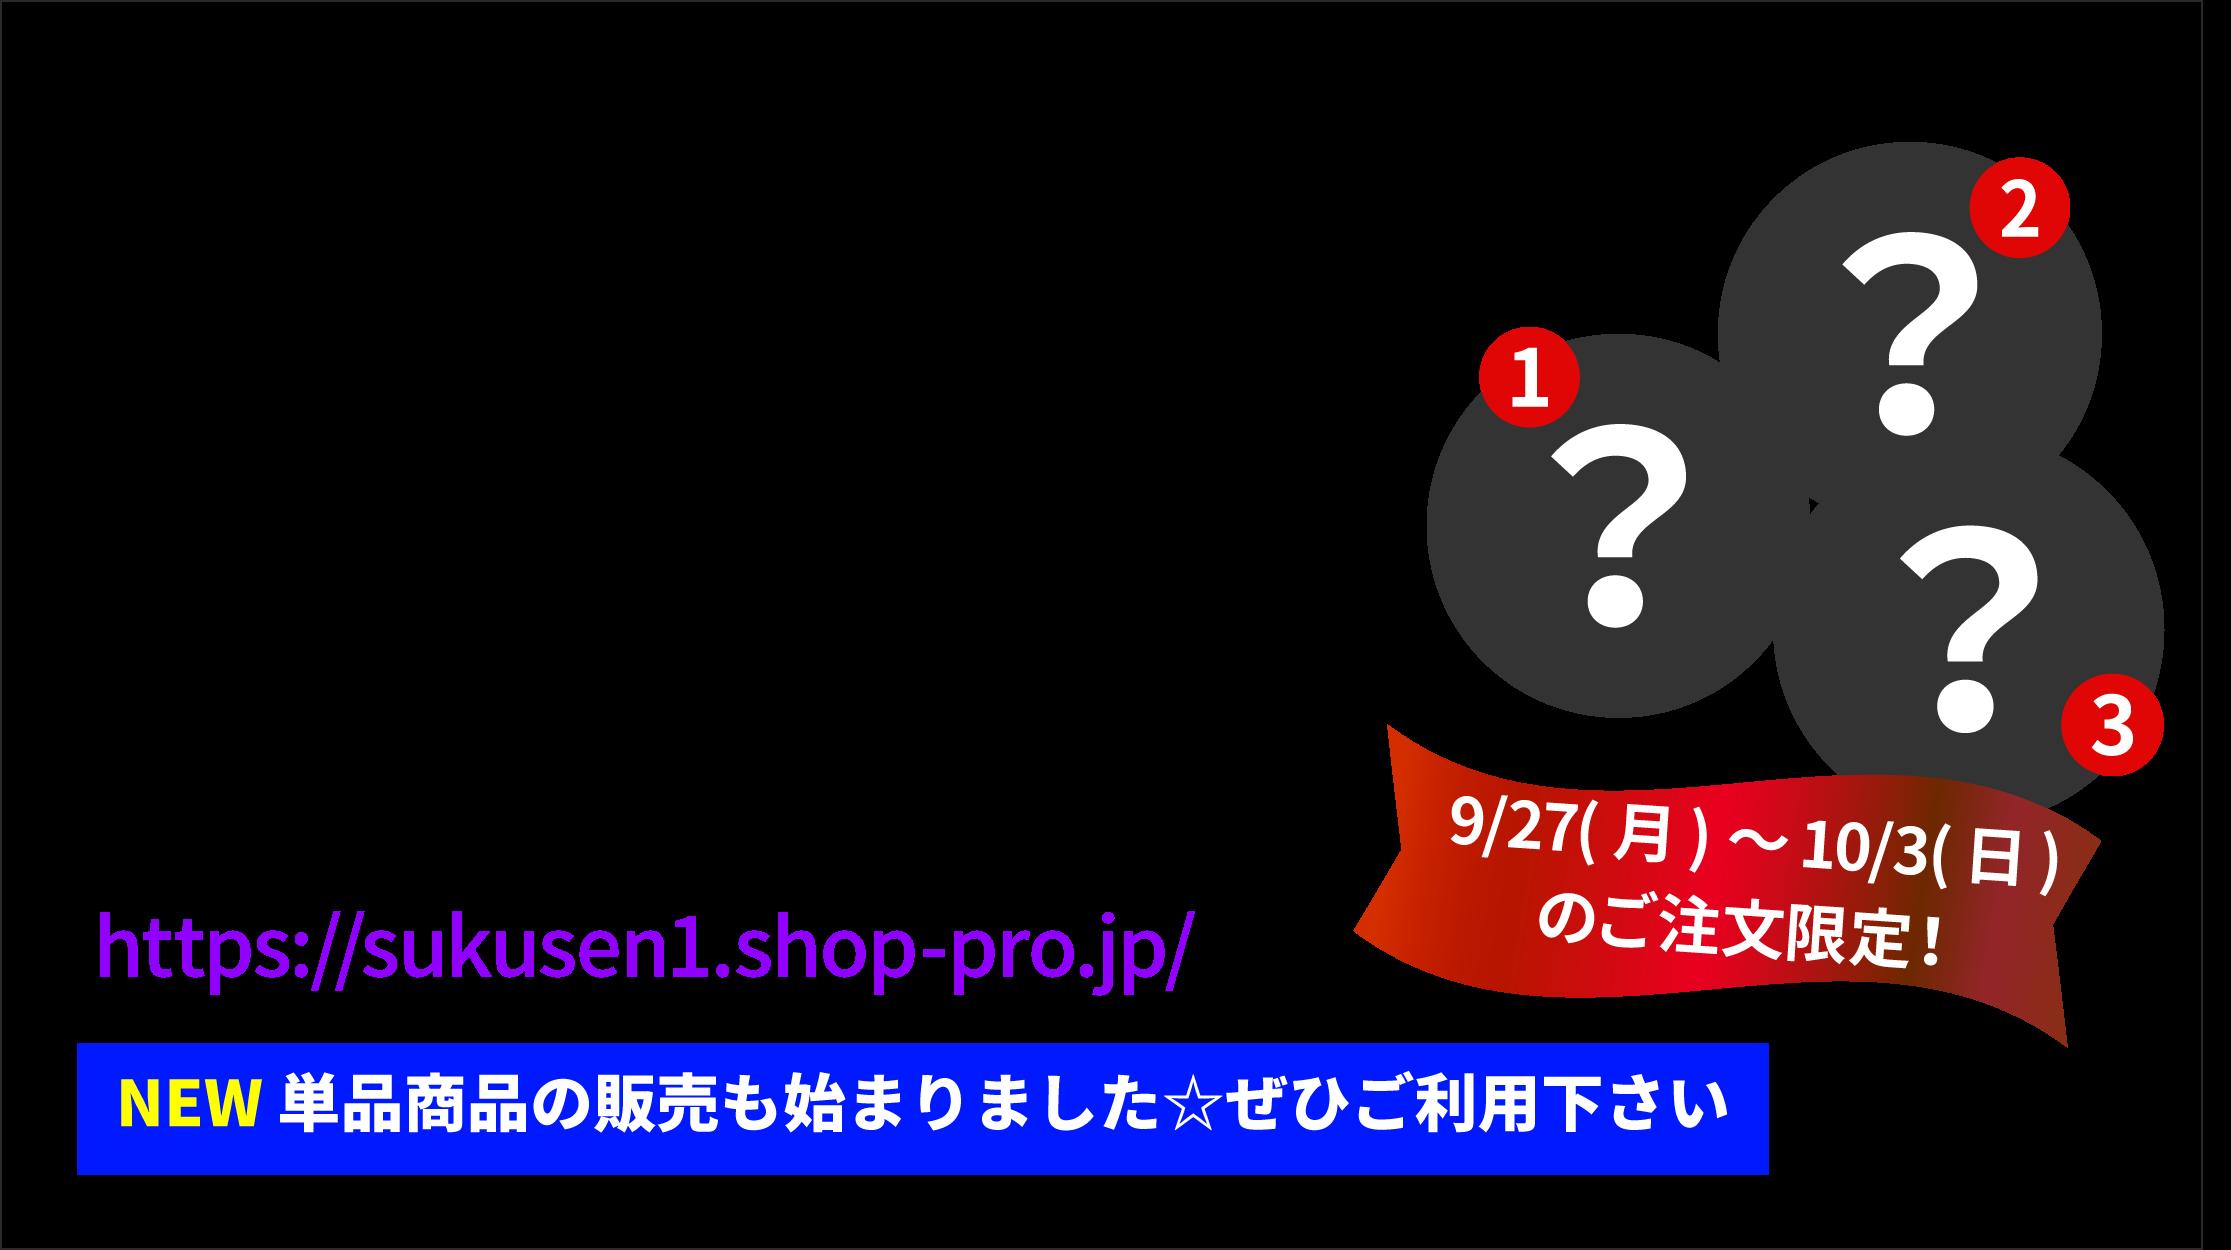 日本スクイーズセンター公式通販はこちら